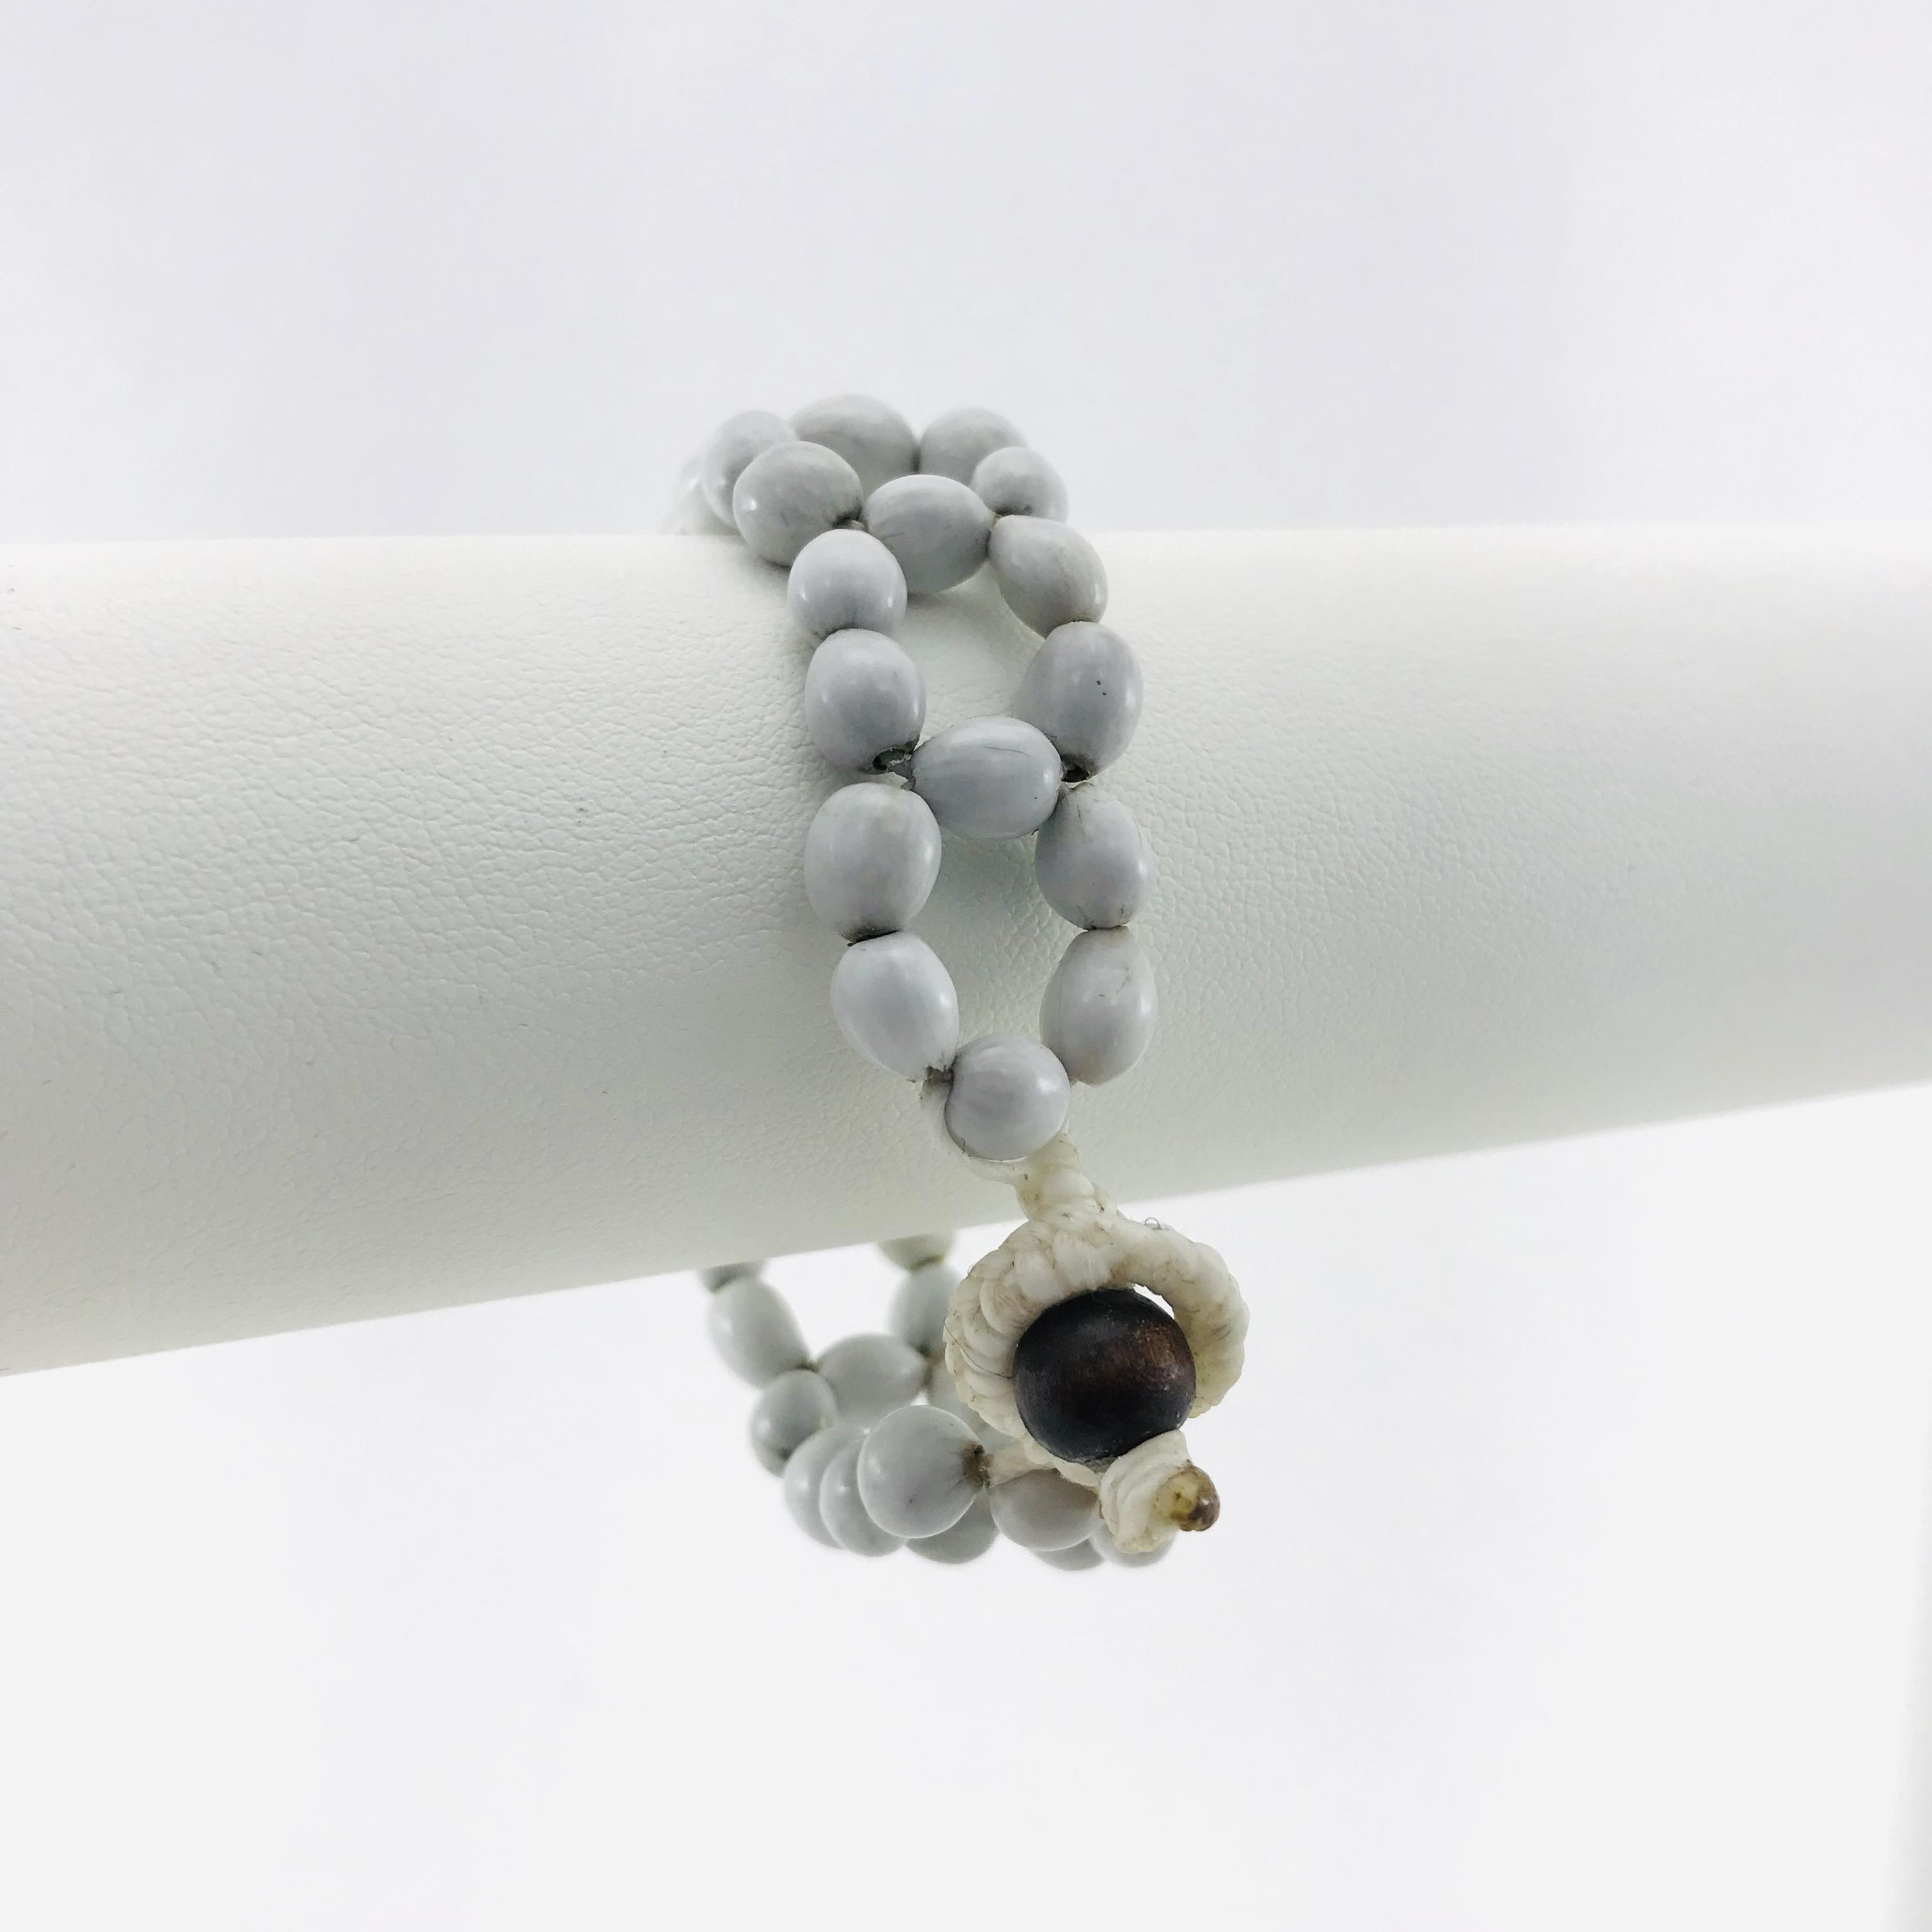 Le Fleur - Bracelet graines naturelles - Blanc - attache